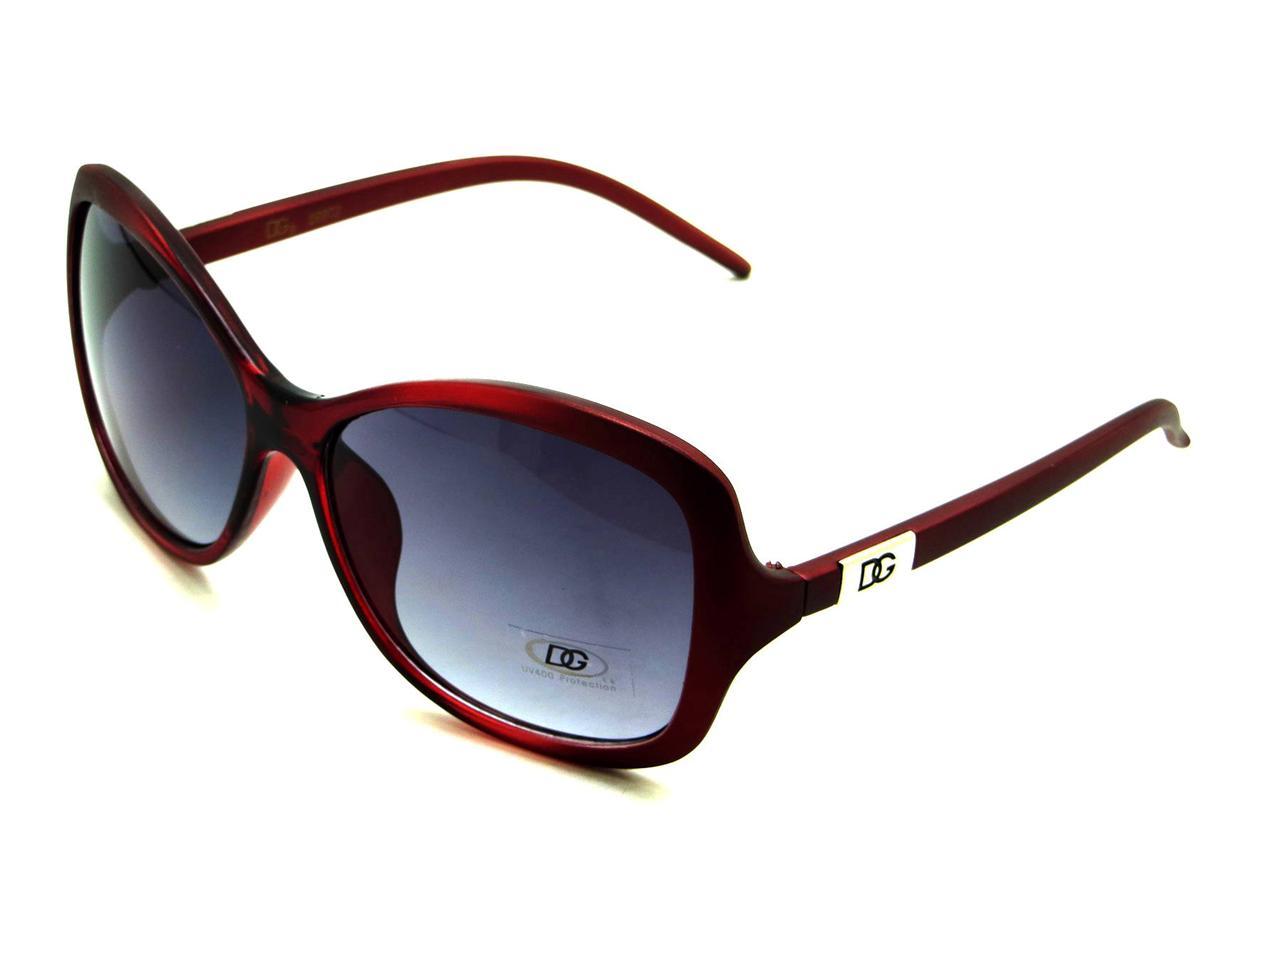 NEW DG Women Designer Modern Vintage Large Oversized Cat Eye Cool Sunglasses 126